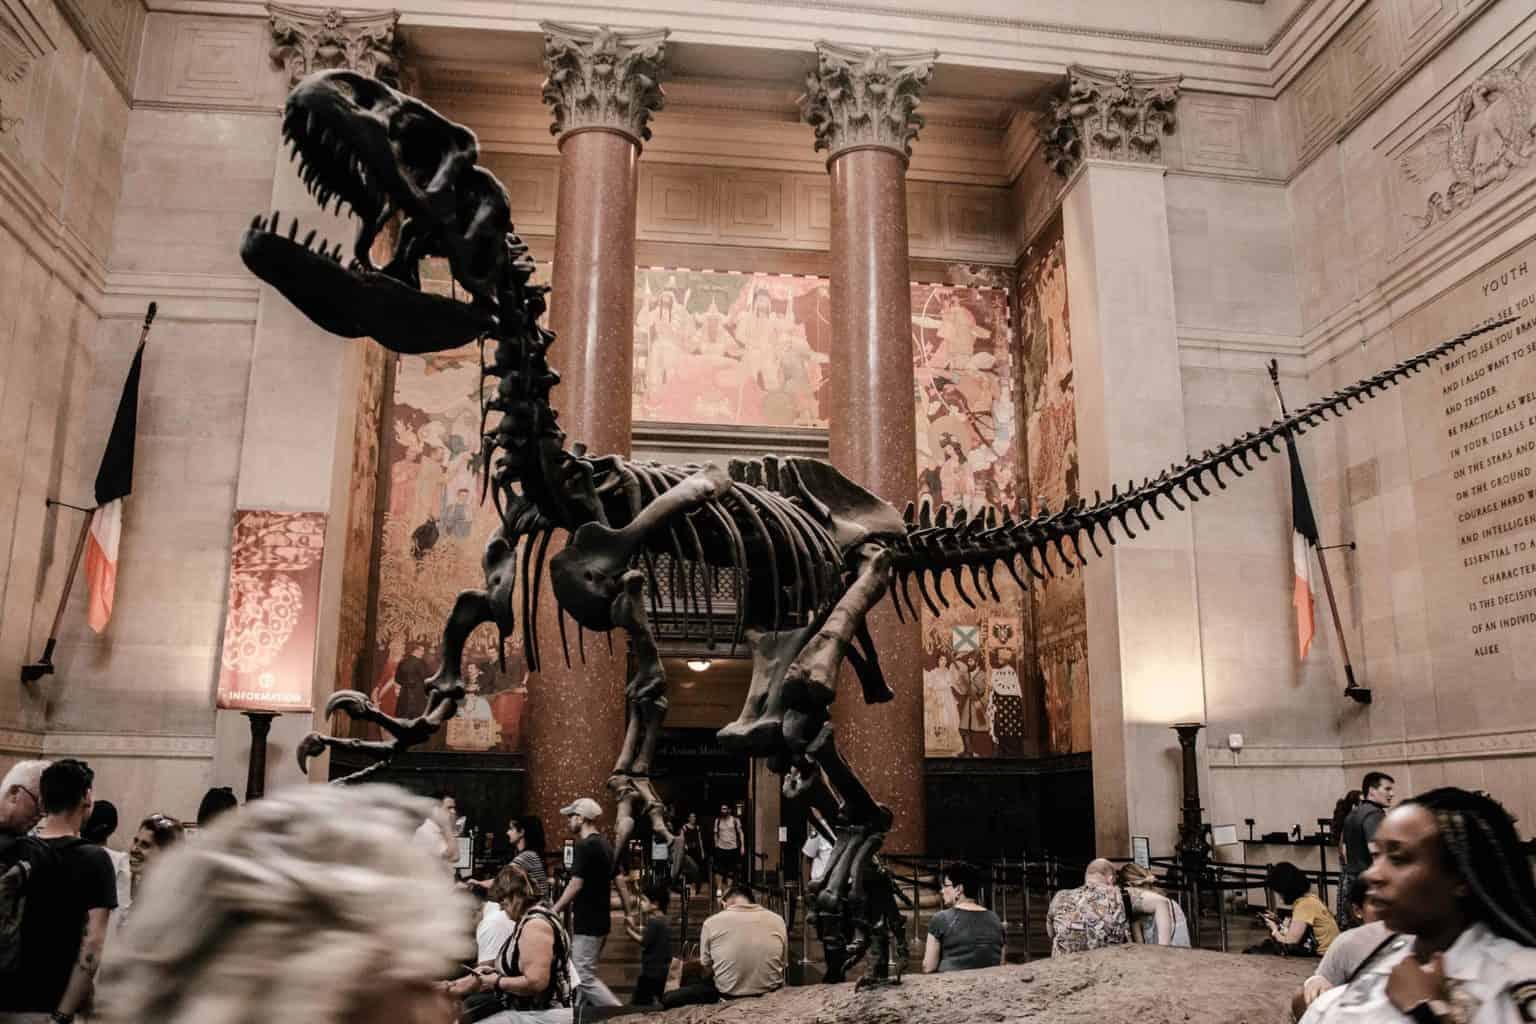 Skeleton of dinosaur in a museum